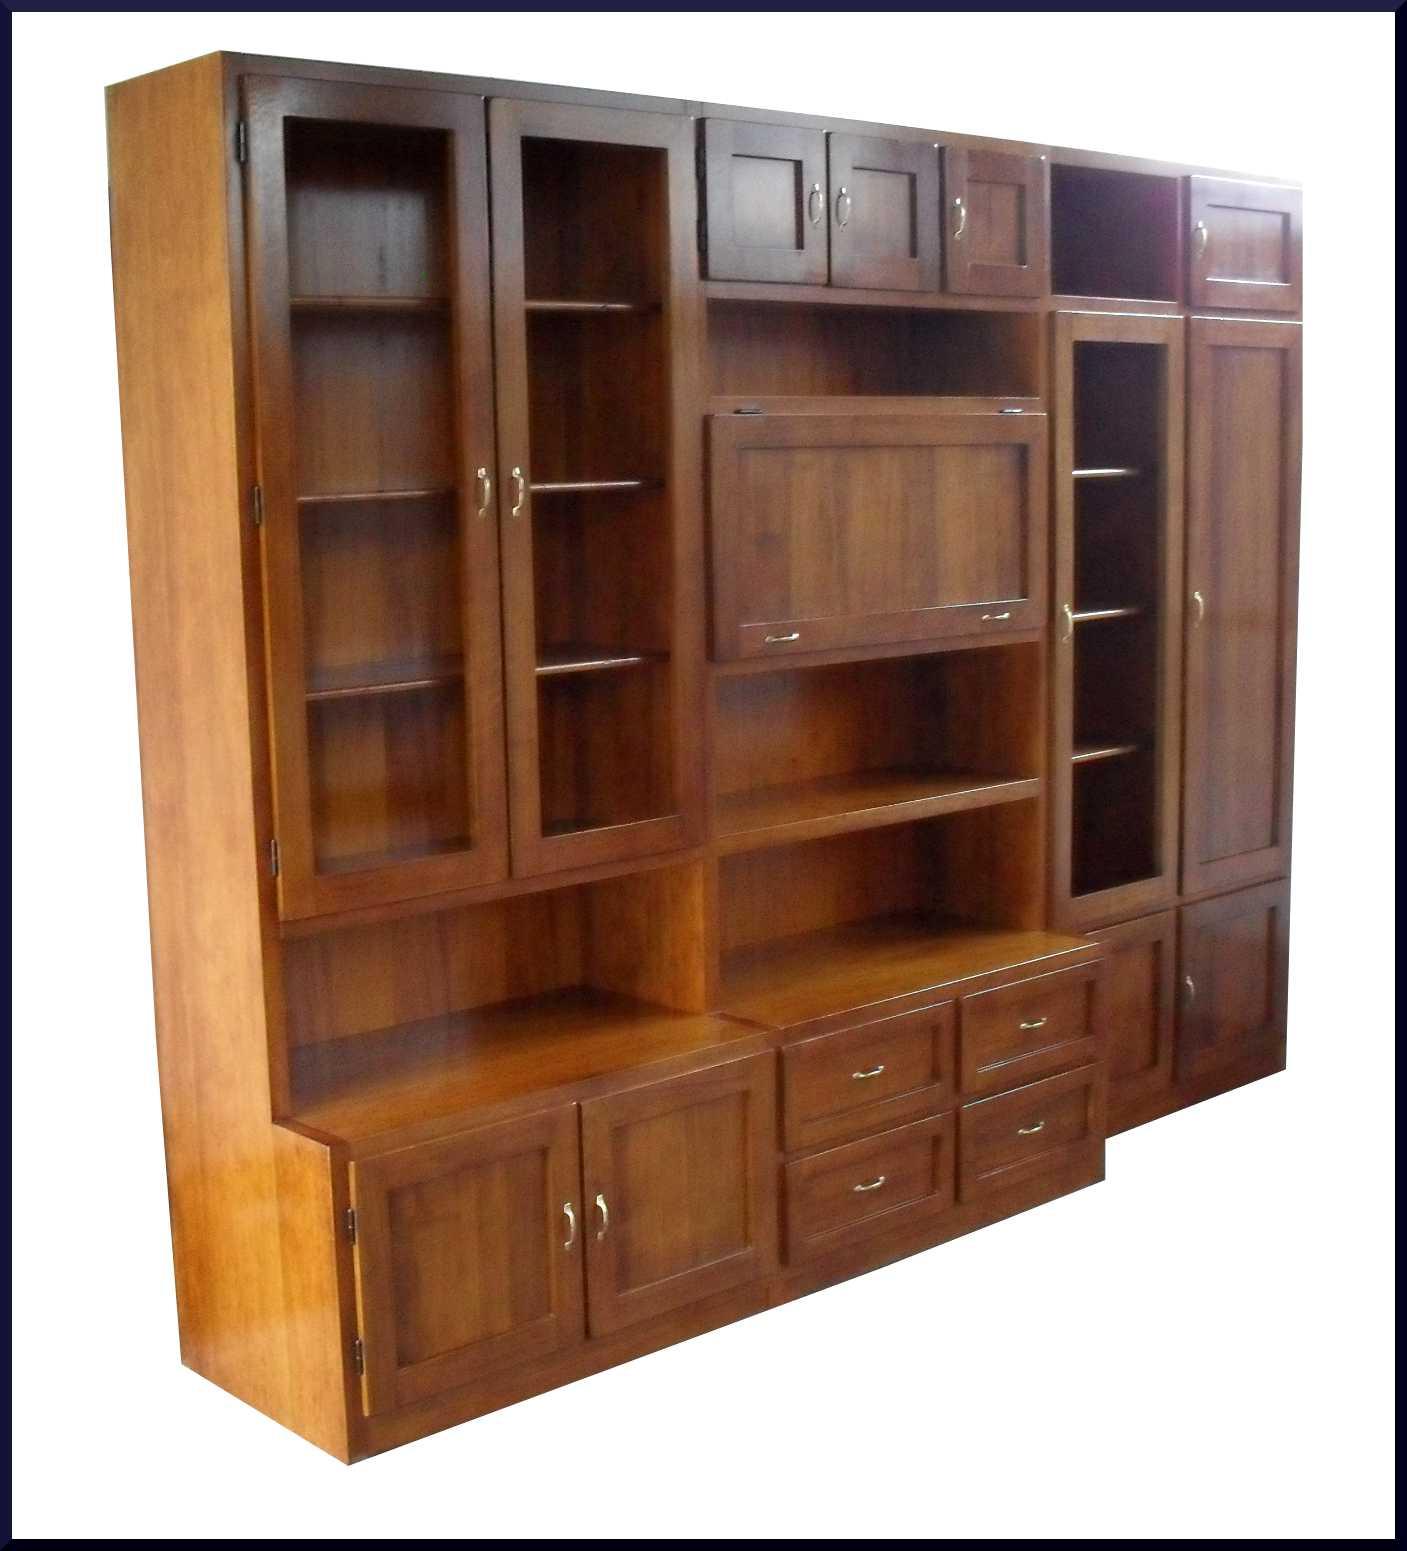 Libreria parete attrezzata classica su misura la commode di davide corno - Parete attrezzata classica ...